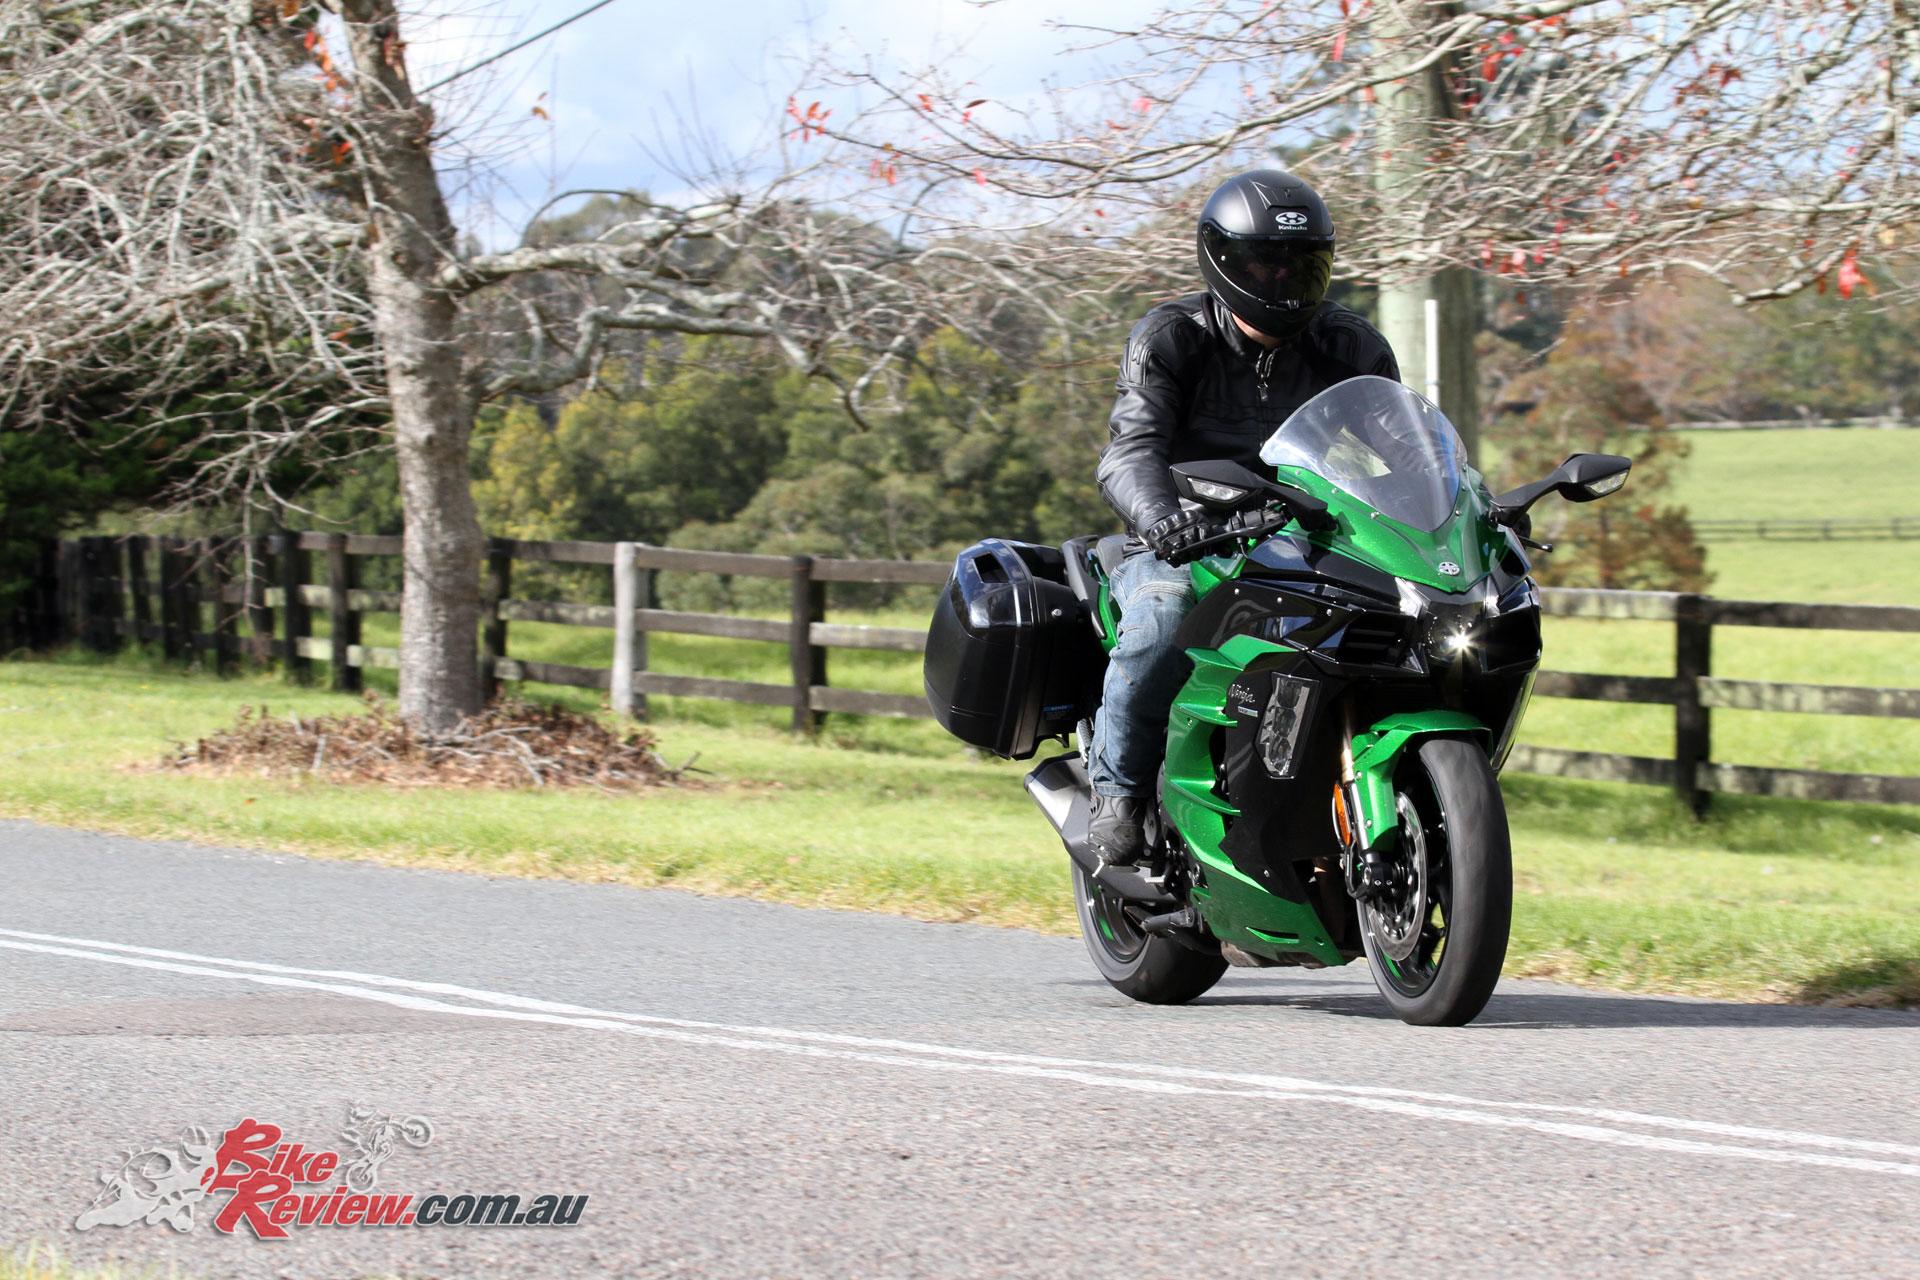 Video Review: 2018 Kawasaki Ninja H2 SX SE - Bike Review